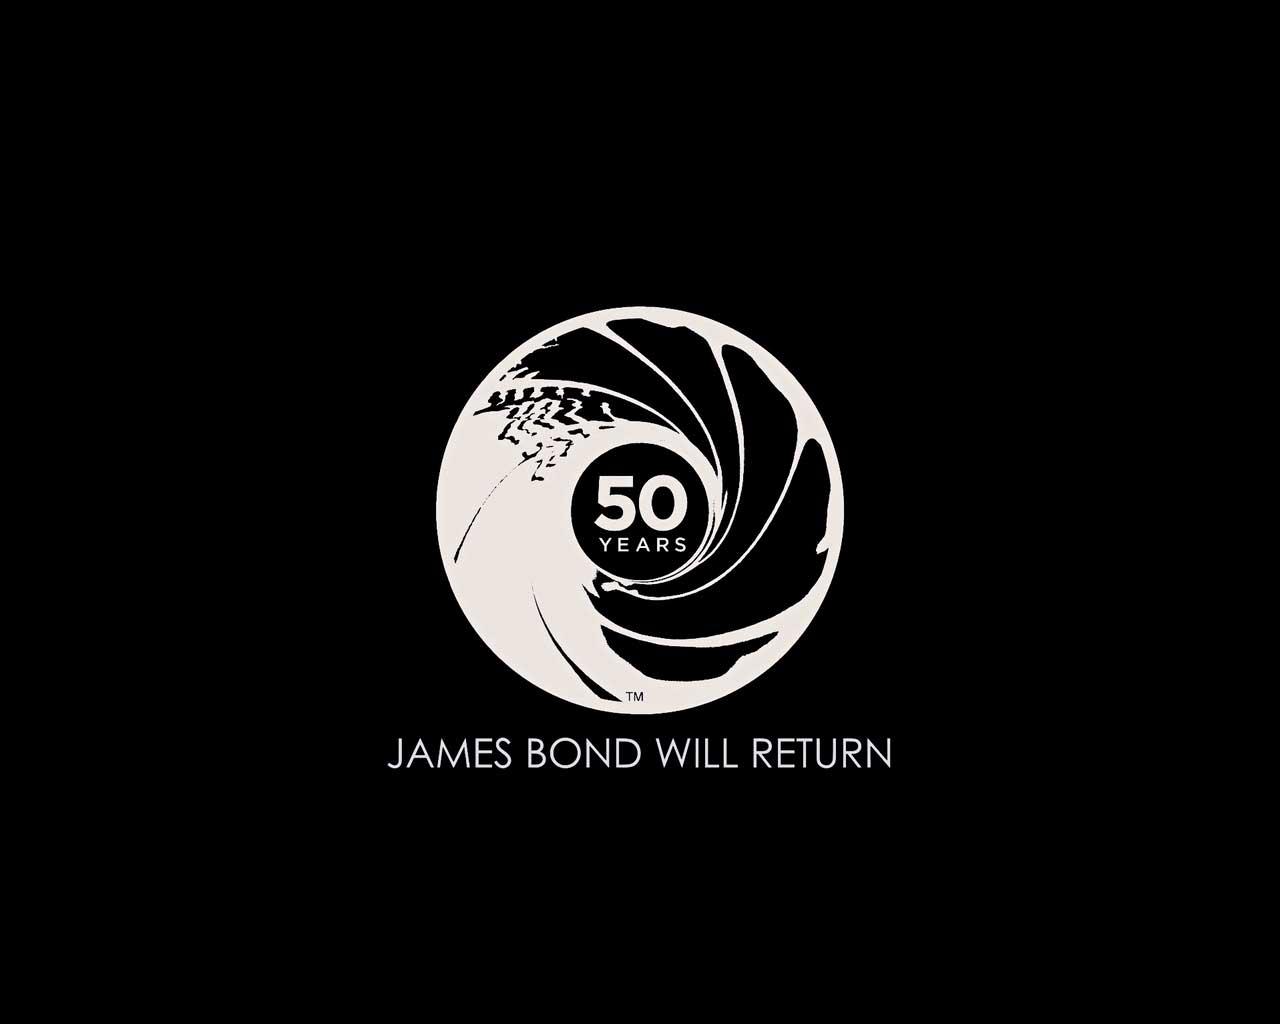 James bond 007 wallpaper wallpapersafari - 007 wallpaper 4k ...